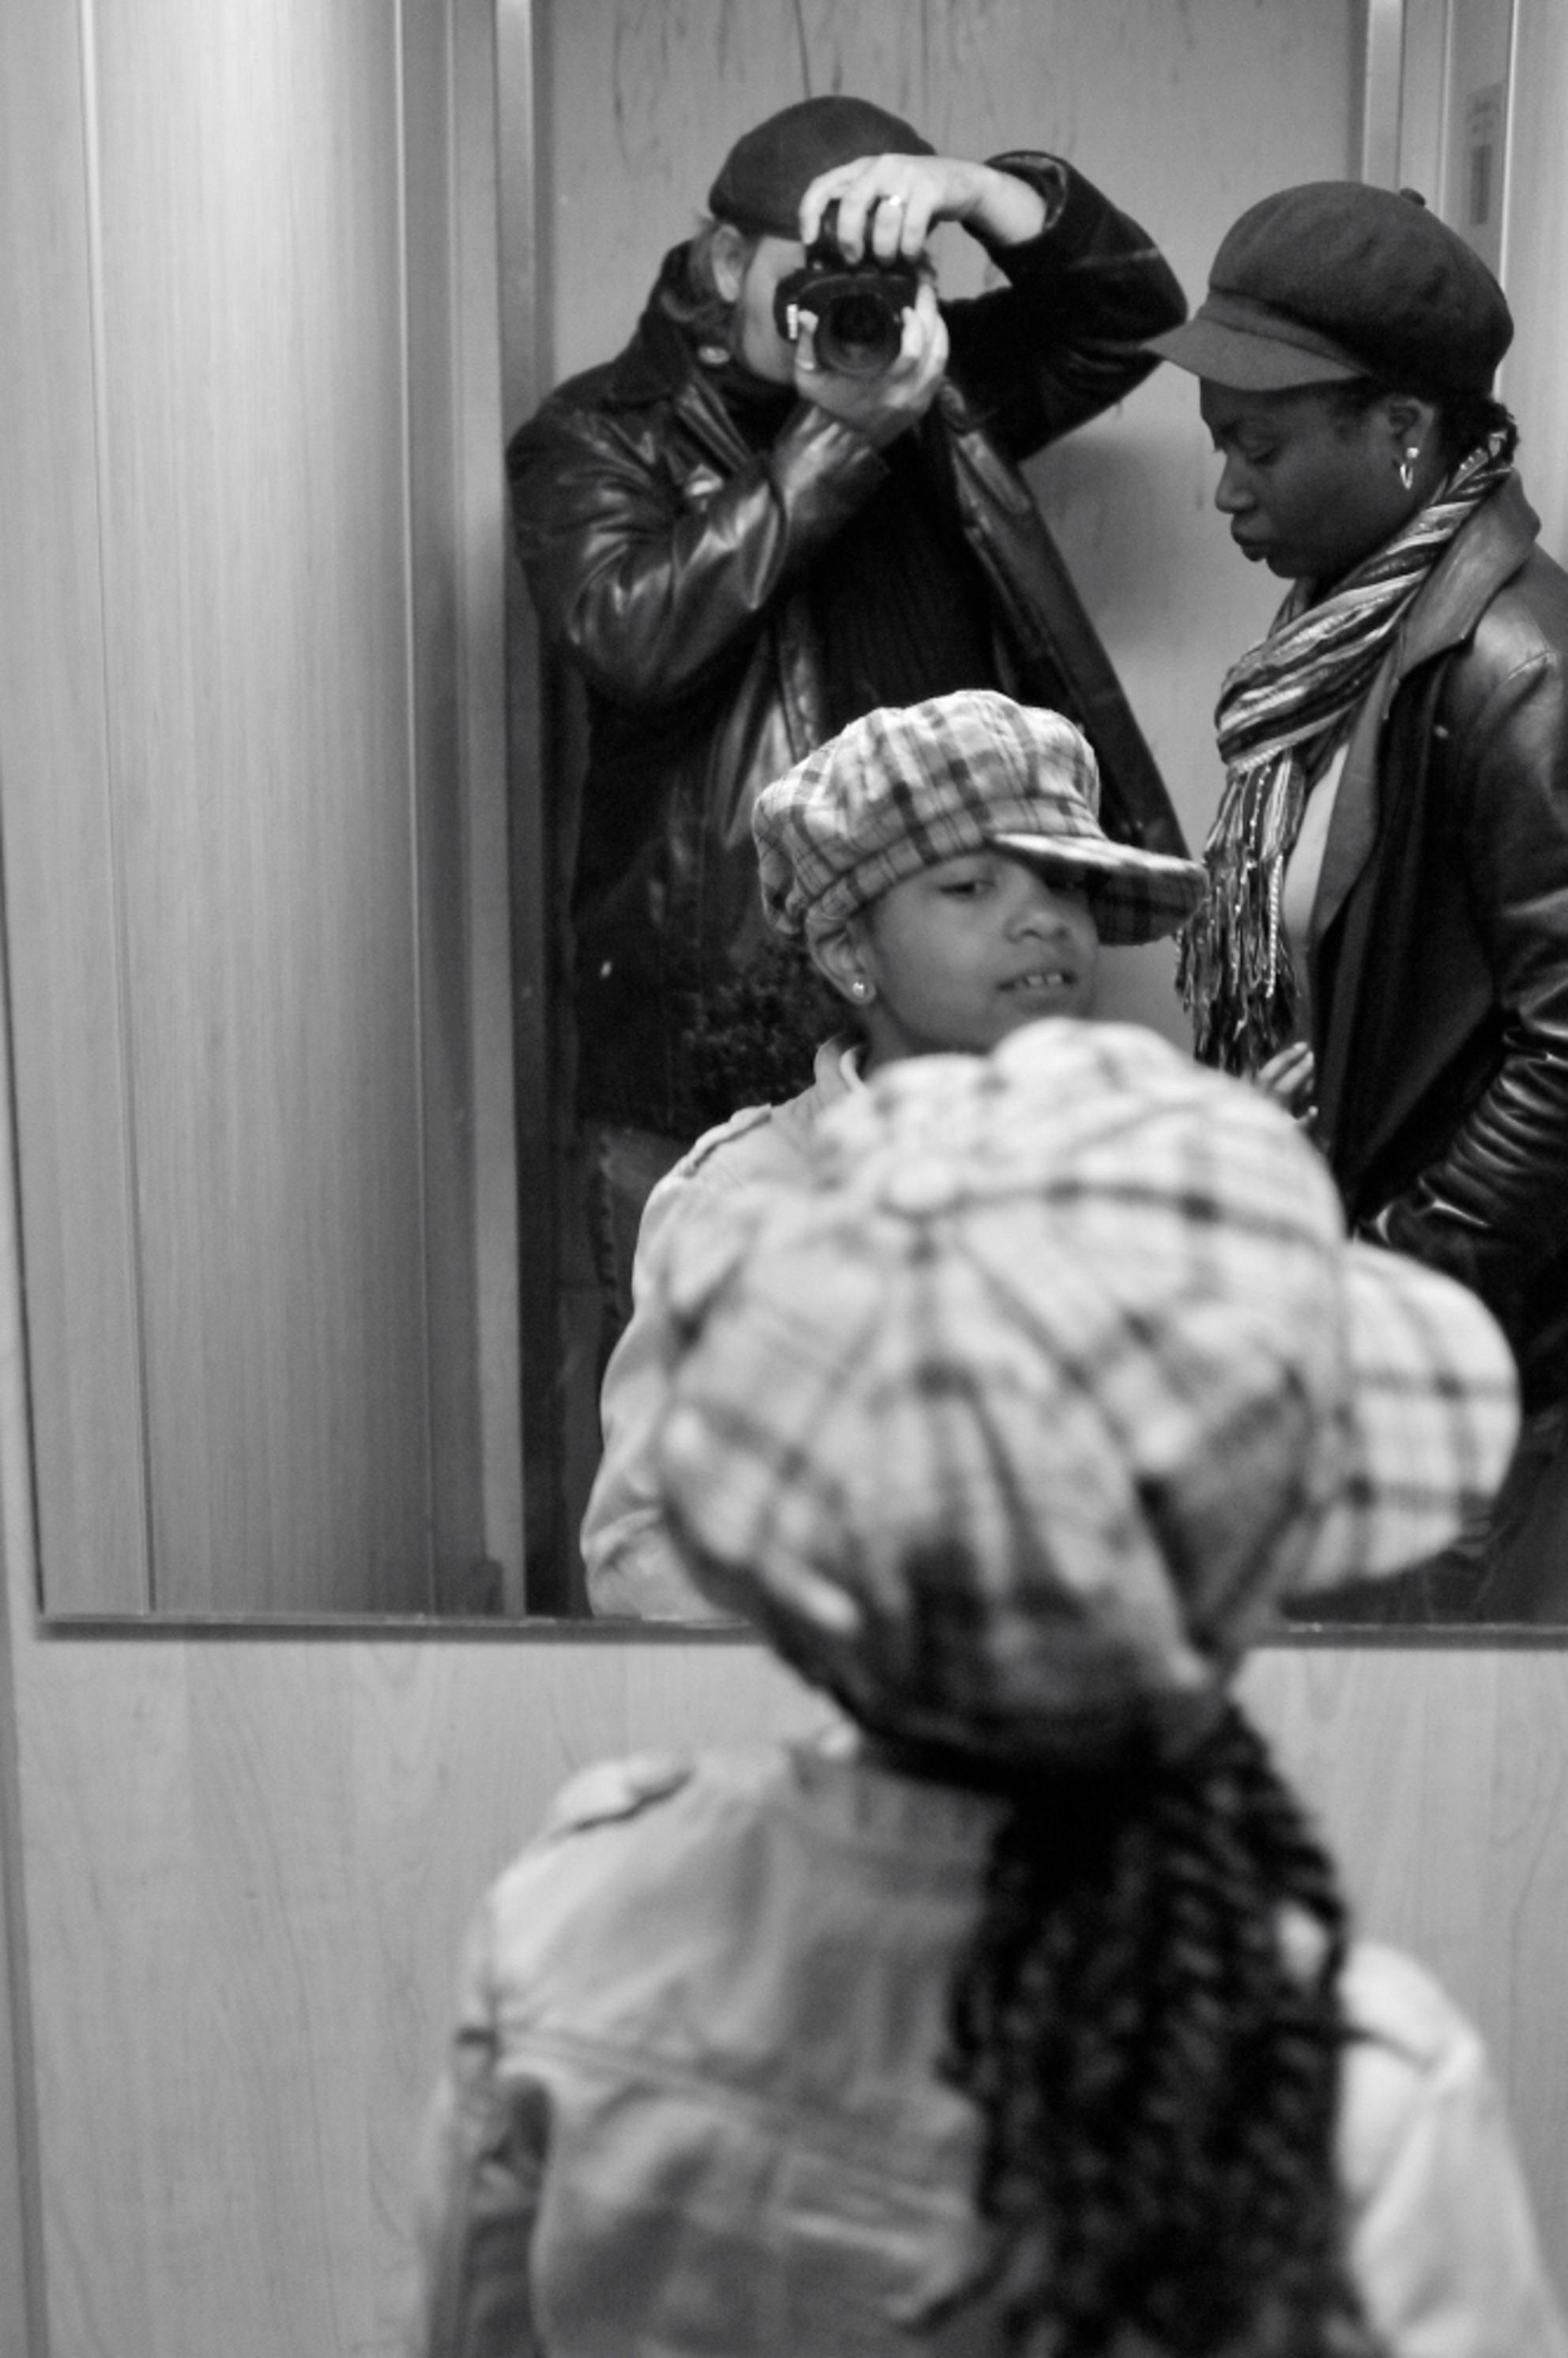 lift - - - foto door baltu022 op 30-08-2009 - deze foto bevat: zelfportret, zwartwit, lift